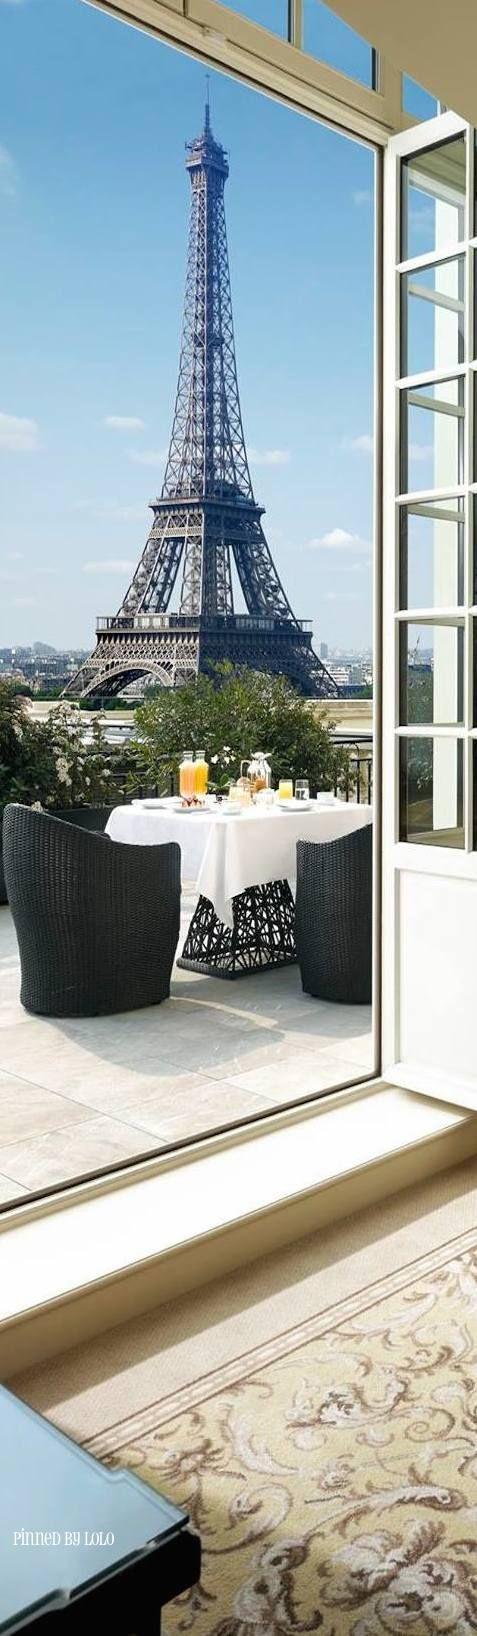 una cena en Paris con esta vista